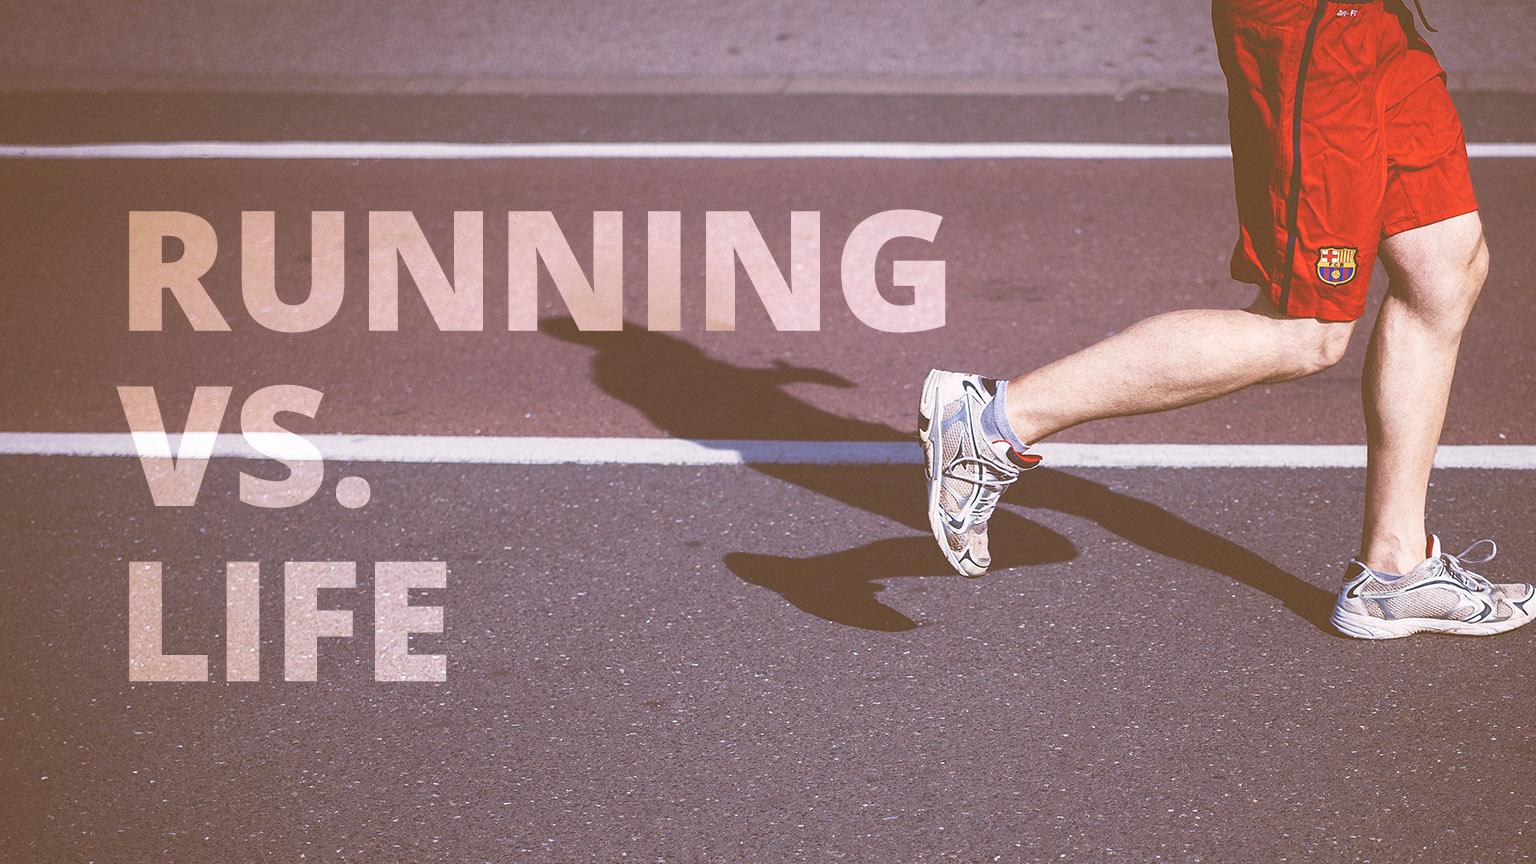 Running cover - man jogging on running track